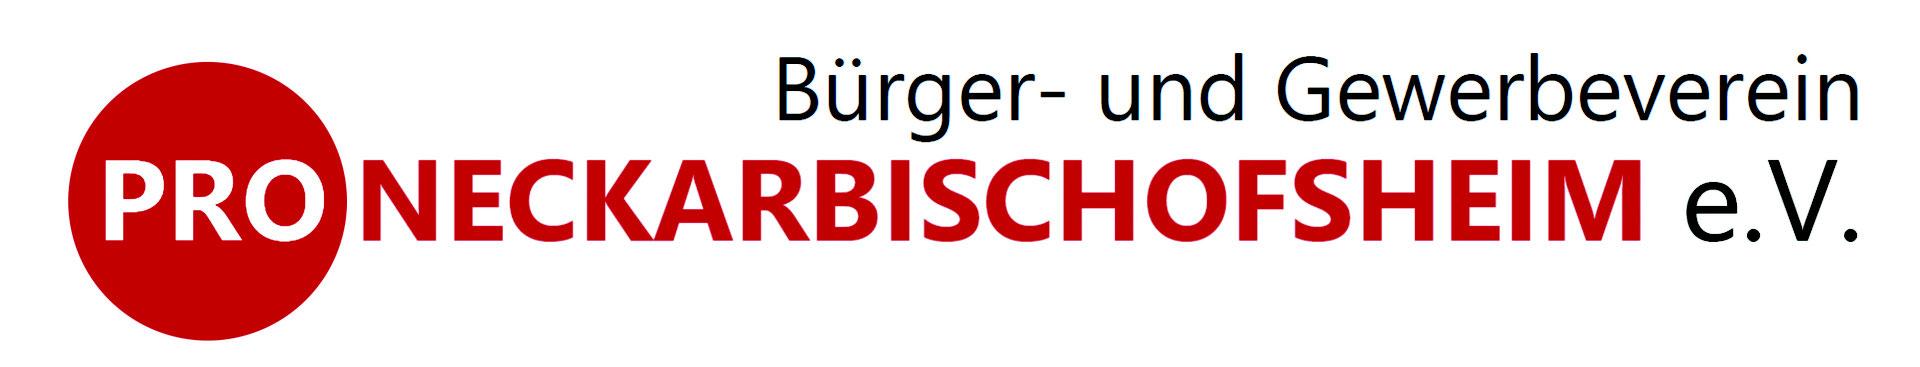 Logo Bürger- und Gewerbeverein Pro-Neckarbischofsheim e.V.